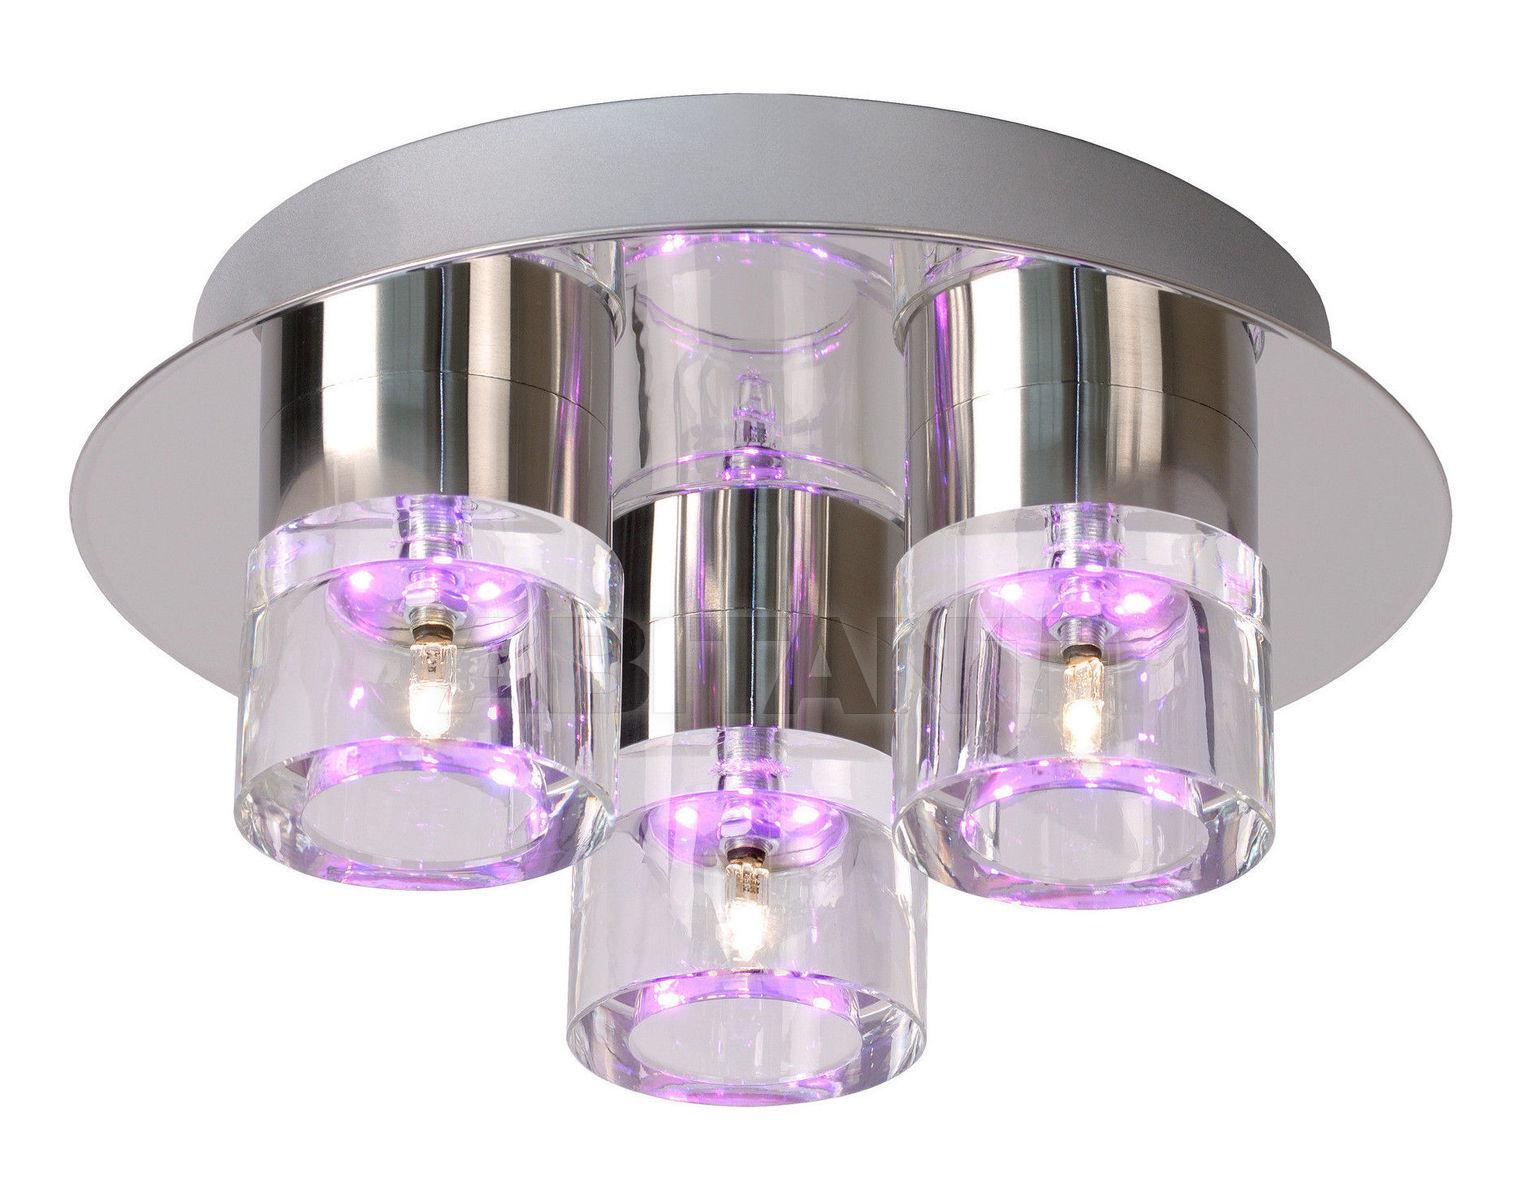 Купить Светильник TABU-LED Lucide  Modern 32151/23/11